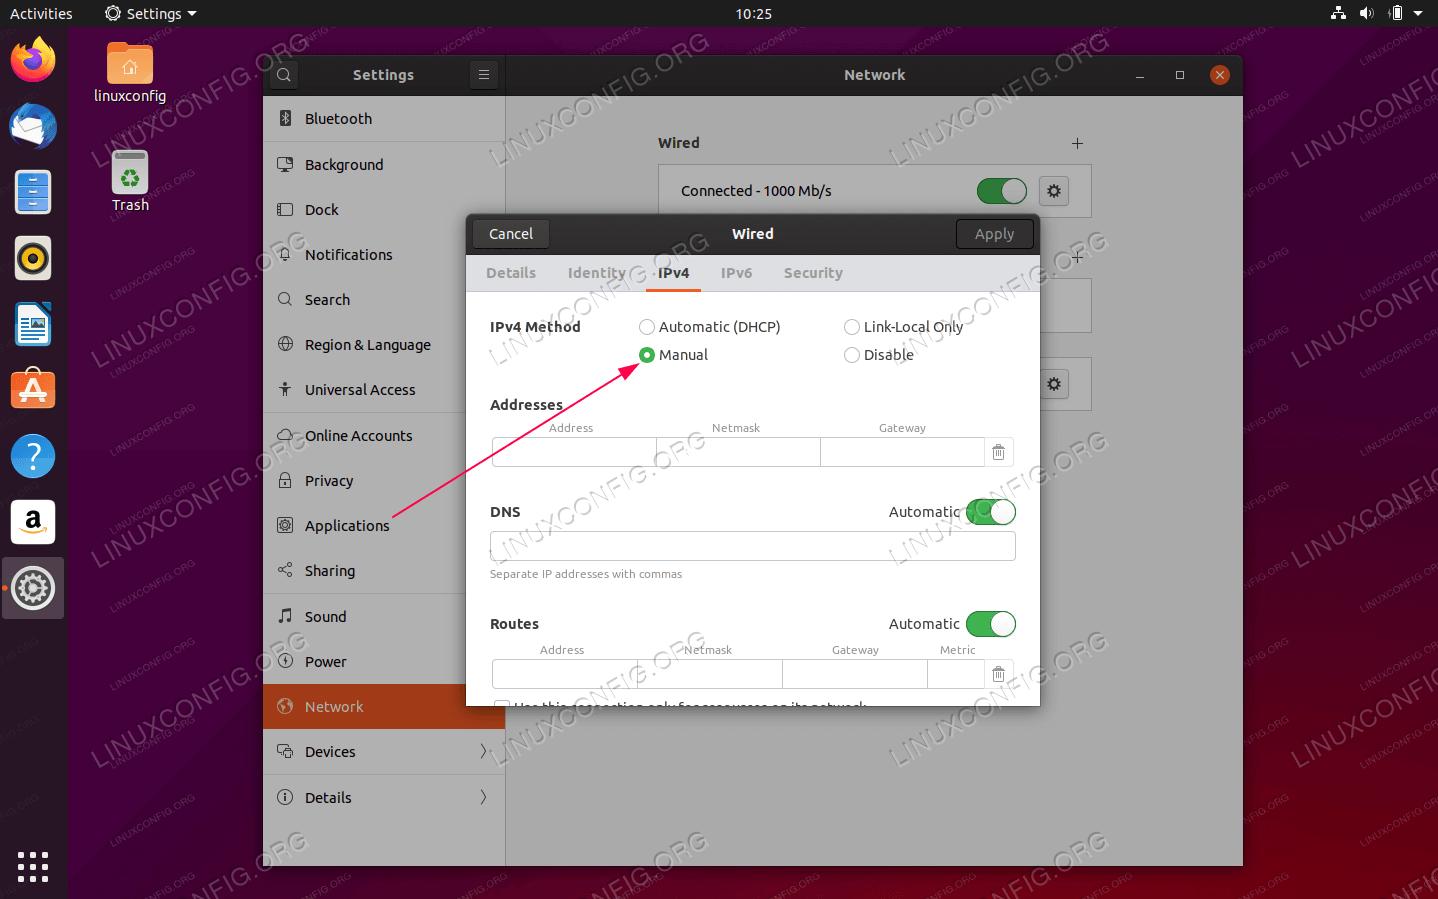 Set IPv4 Method to Manual